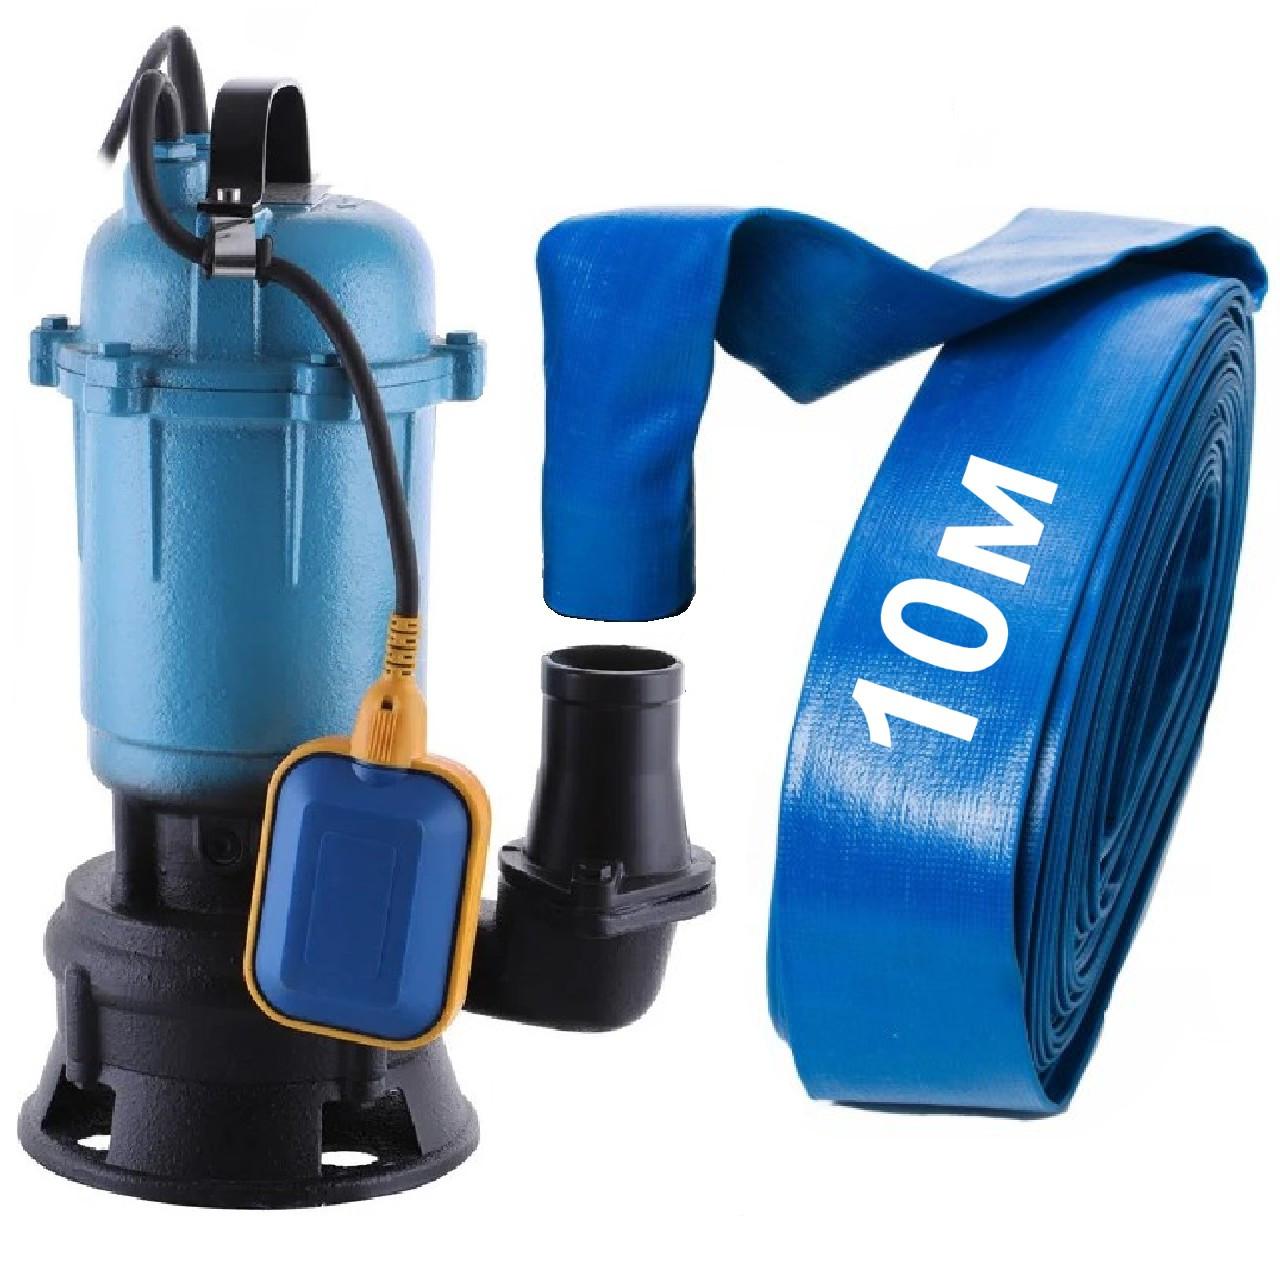 Погружной насос фекальный (дренажный) 1,5 кВт с измельчителем для грязной воды, фекалий, сливных ям WQD 12-10